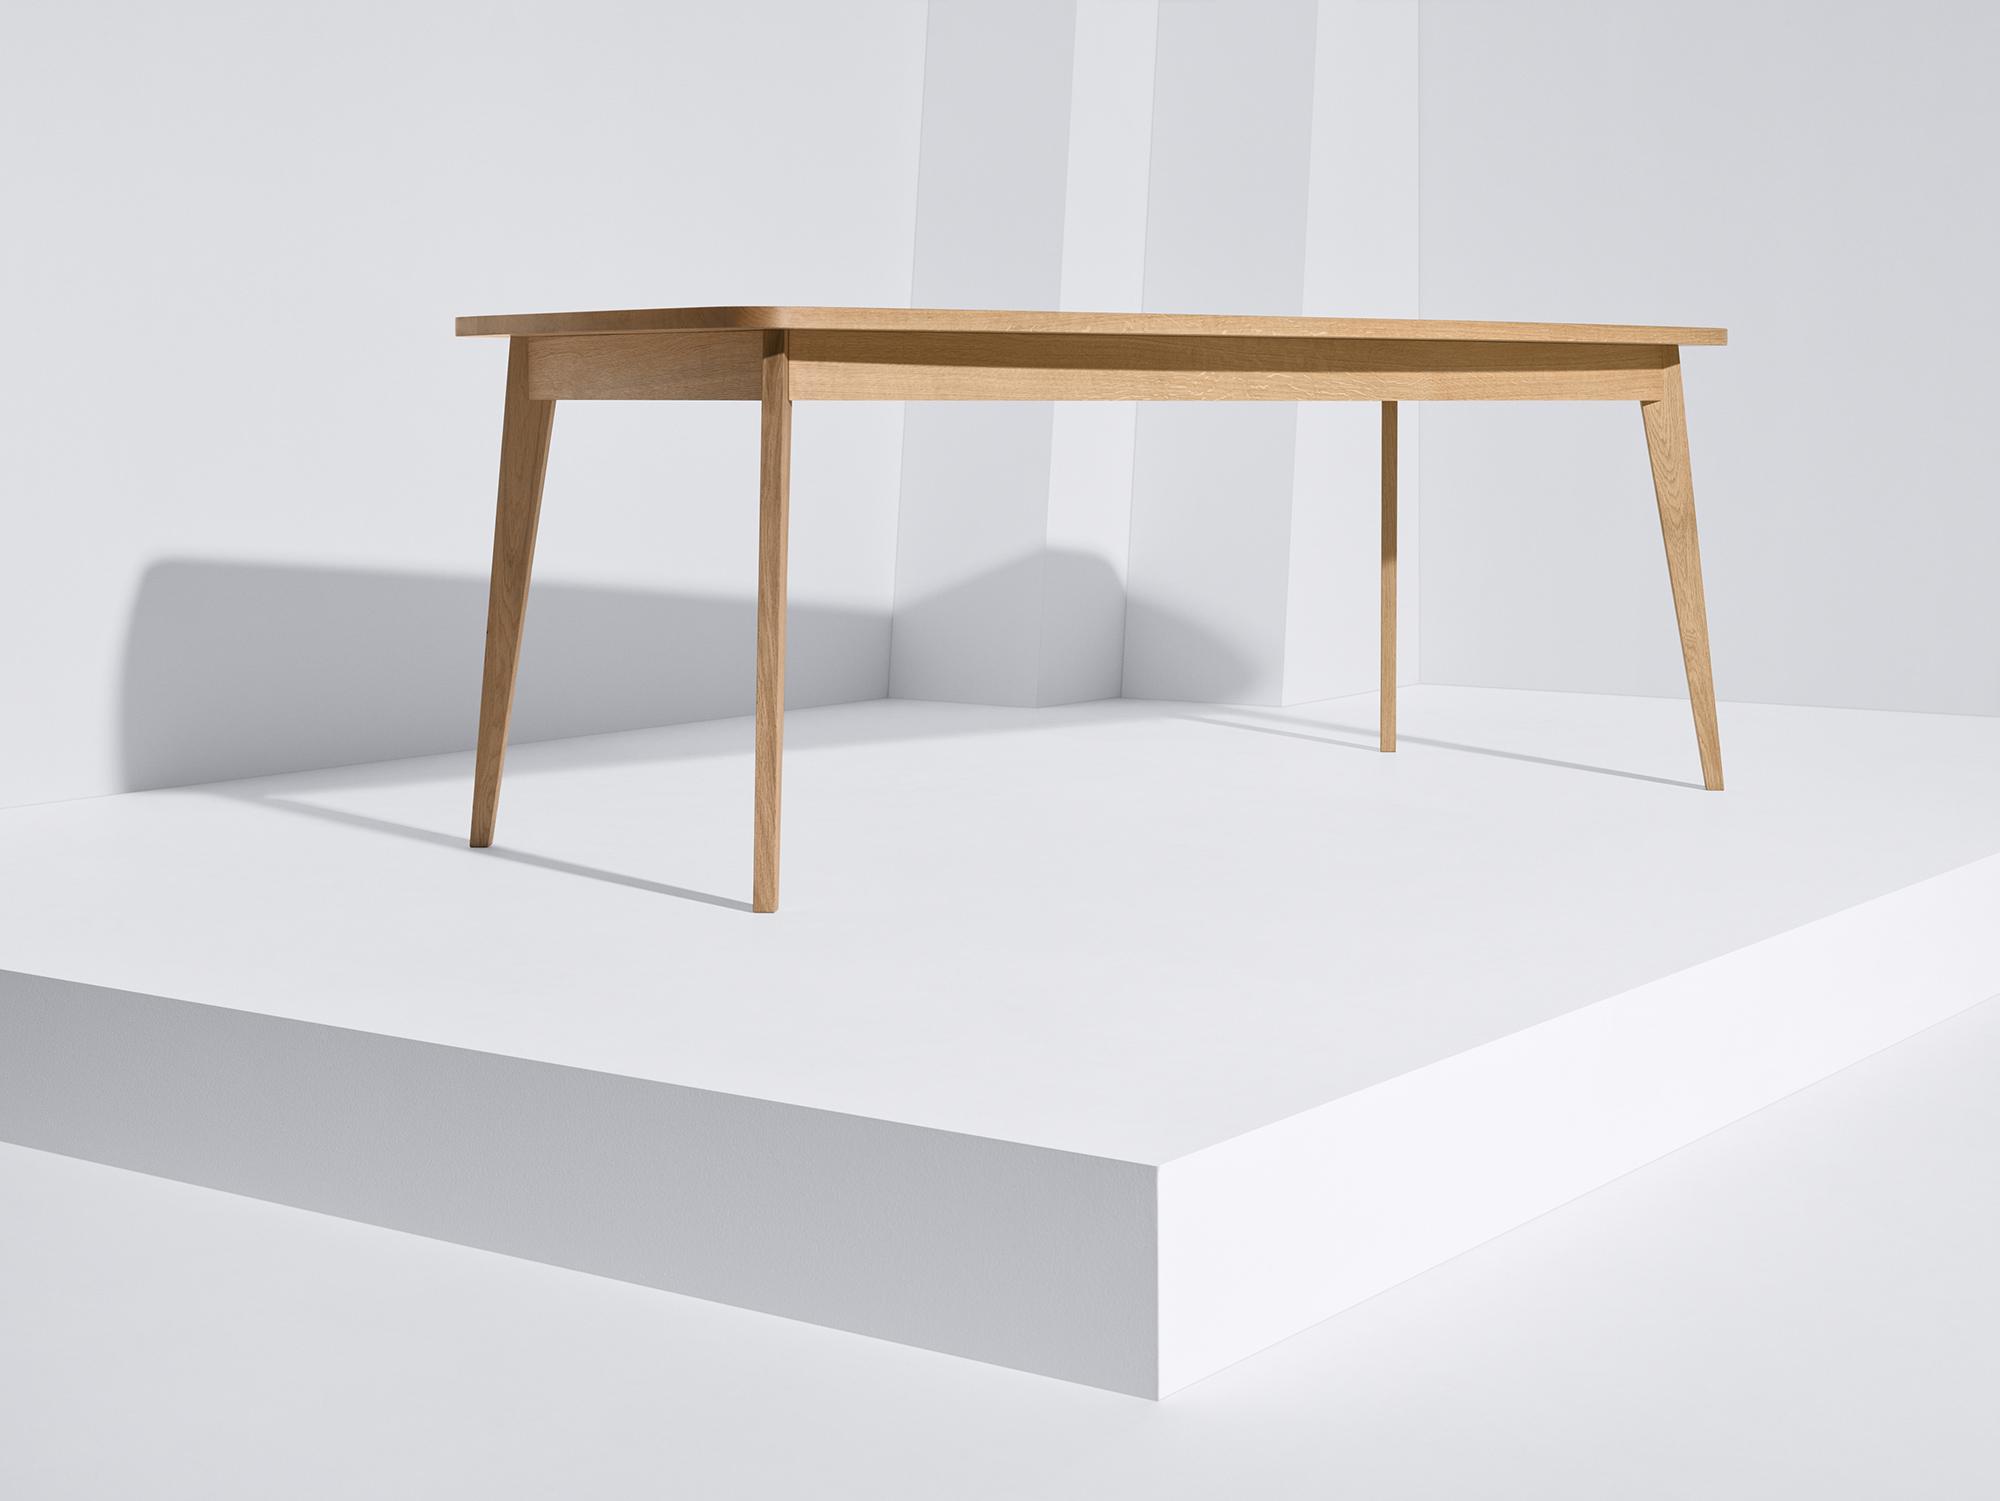 Usus Tisch aus massiver geölter Eiche